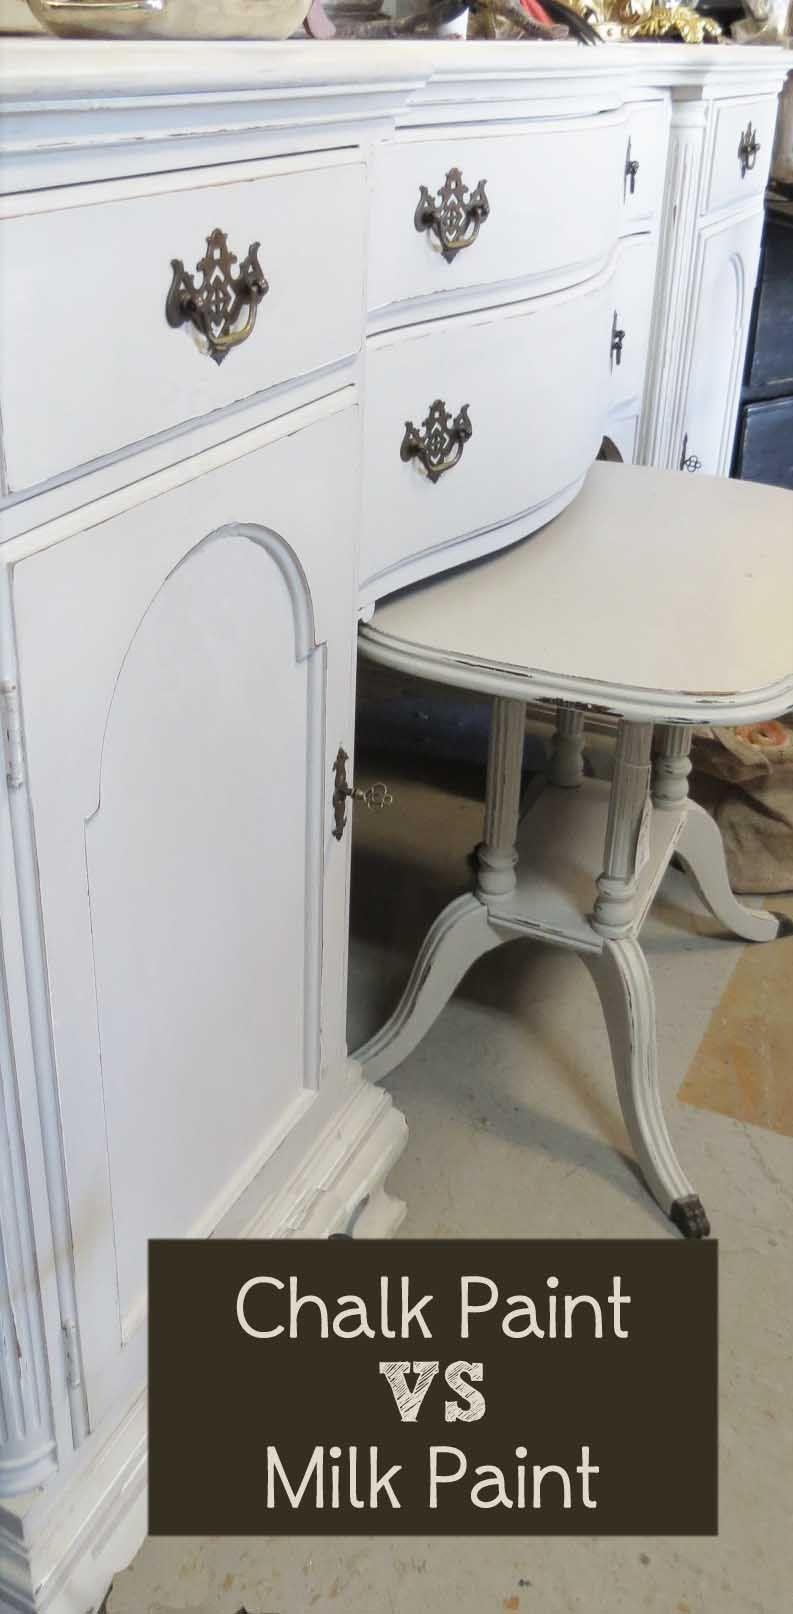 Chalk Paint Vs Milk Paint Painted Furniture Ideas Chalk Paint Vs Milk Paint Chalk Paint Vs Painted Furniture